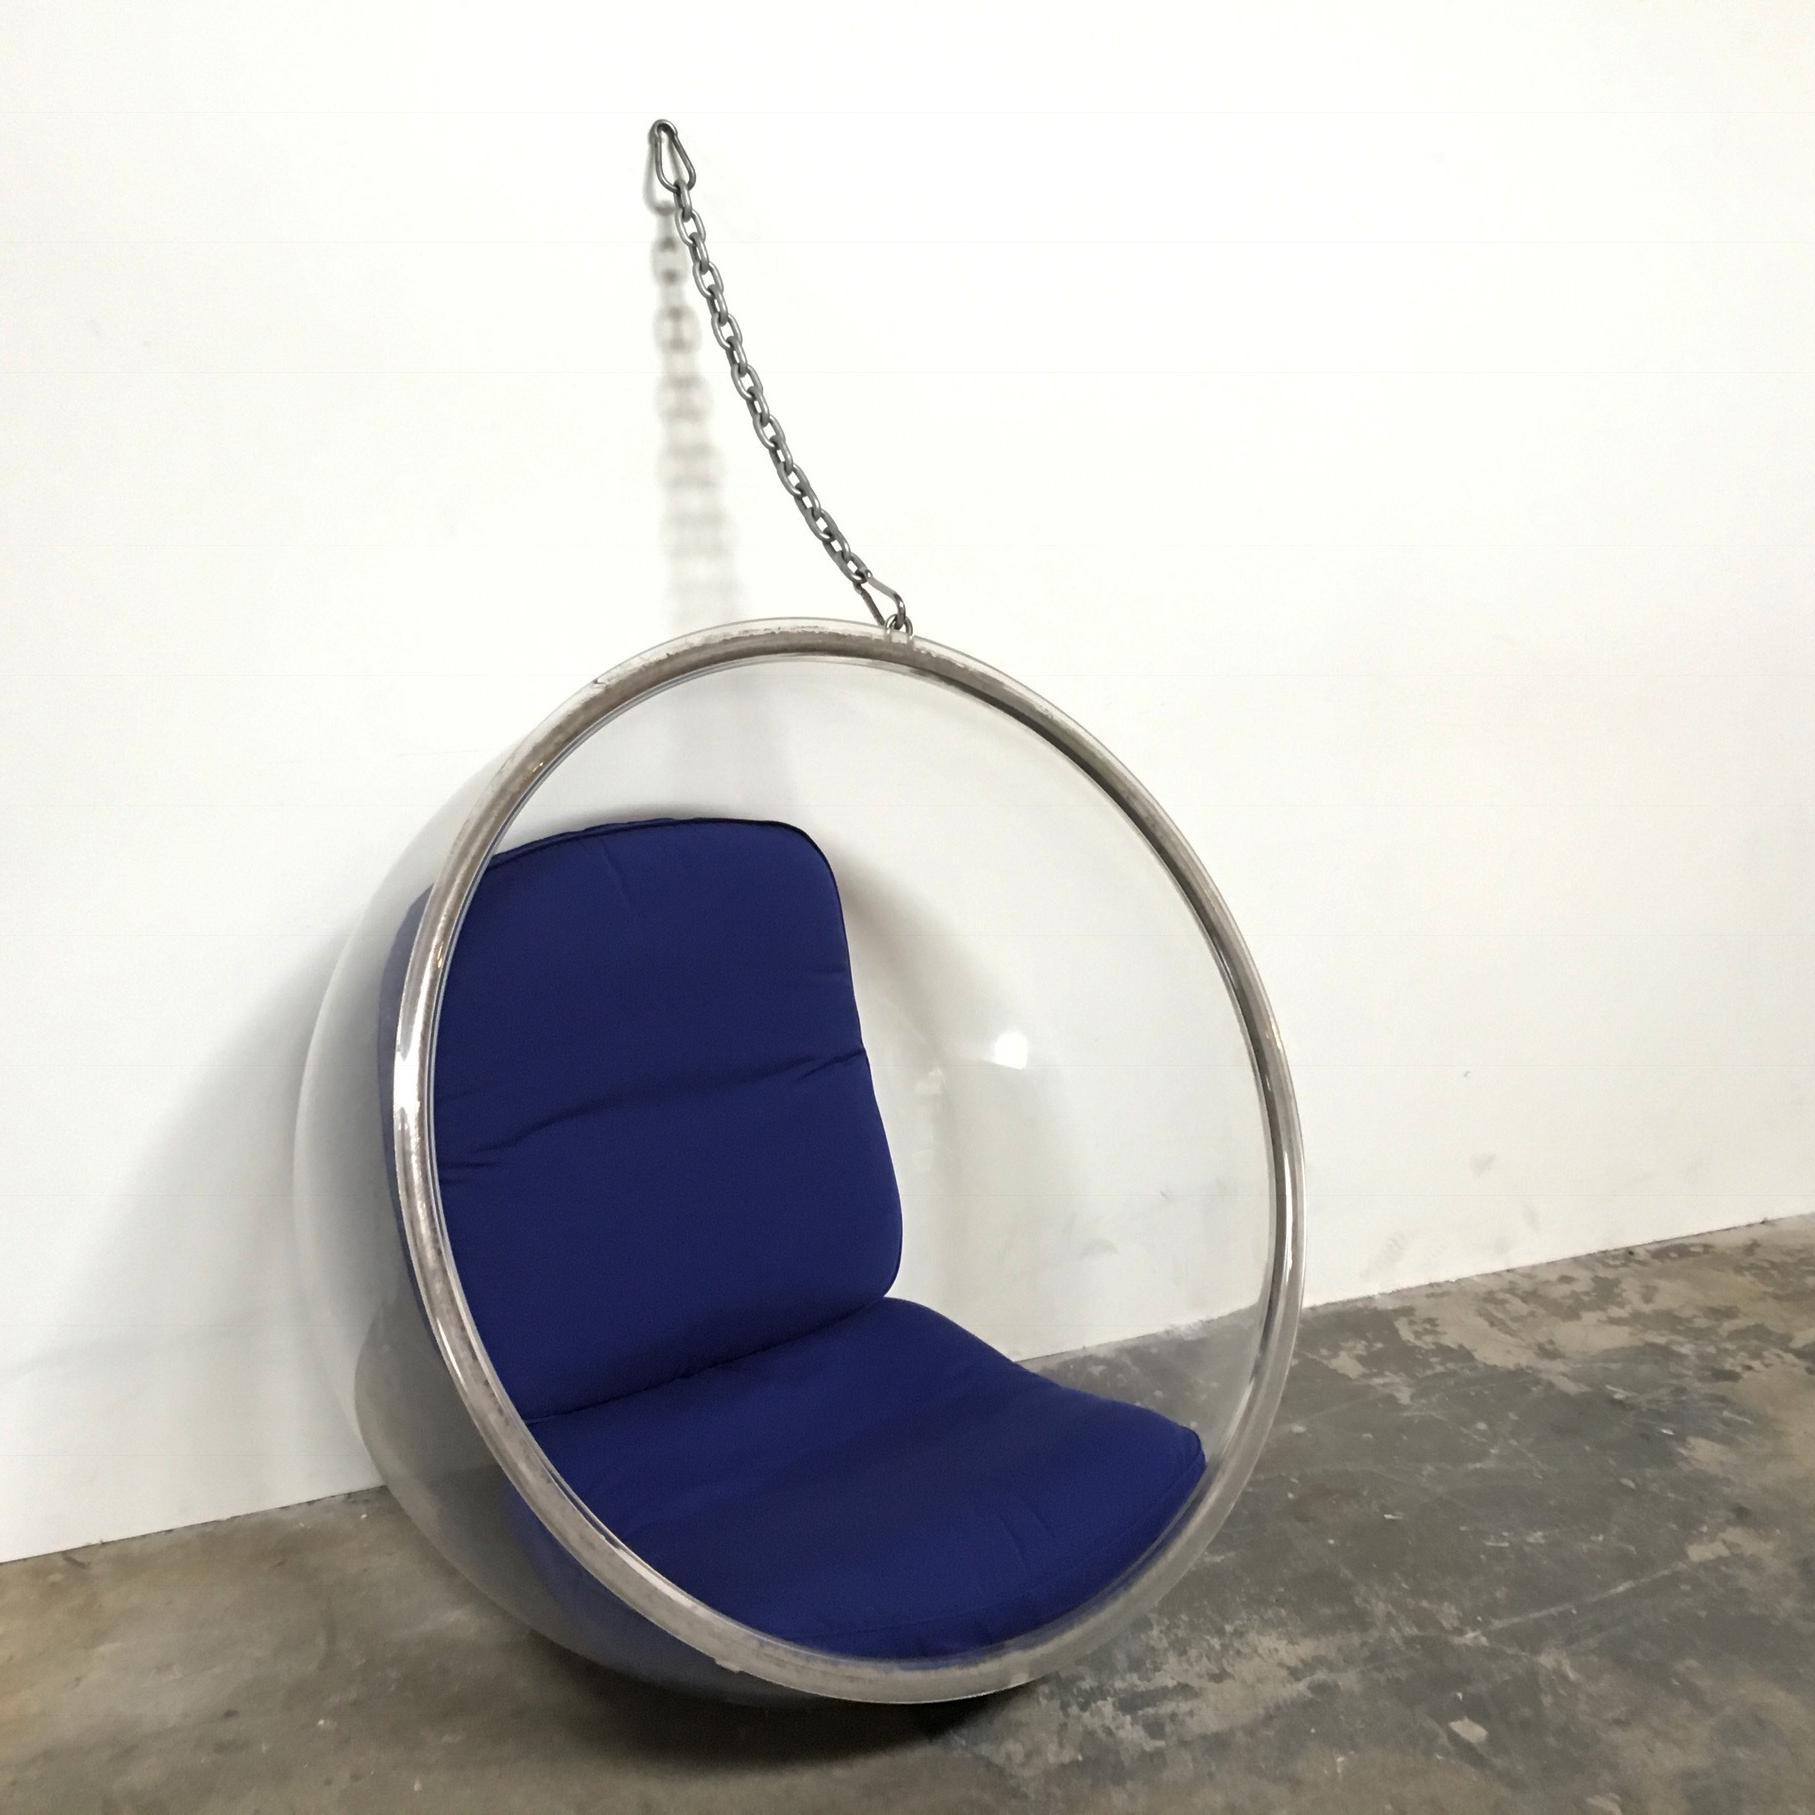 eero aarnio plushpod hanging bubble chair image 2 of 8